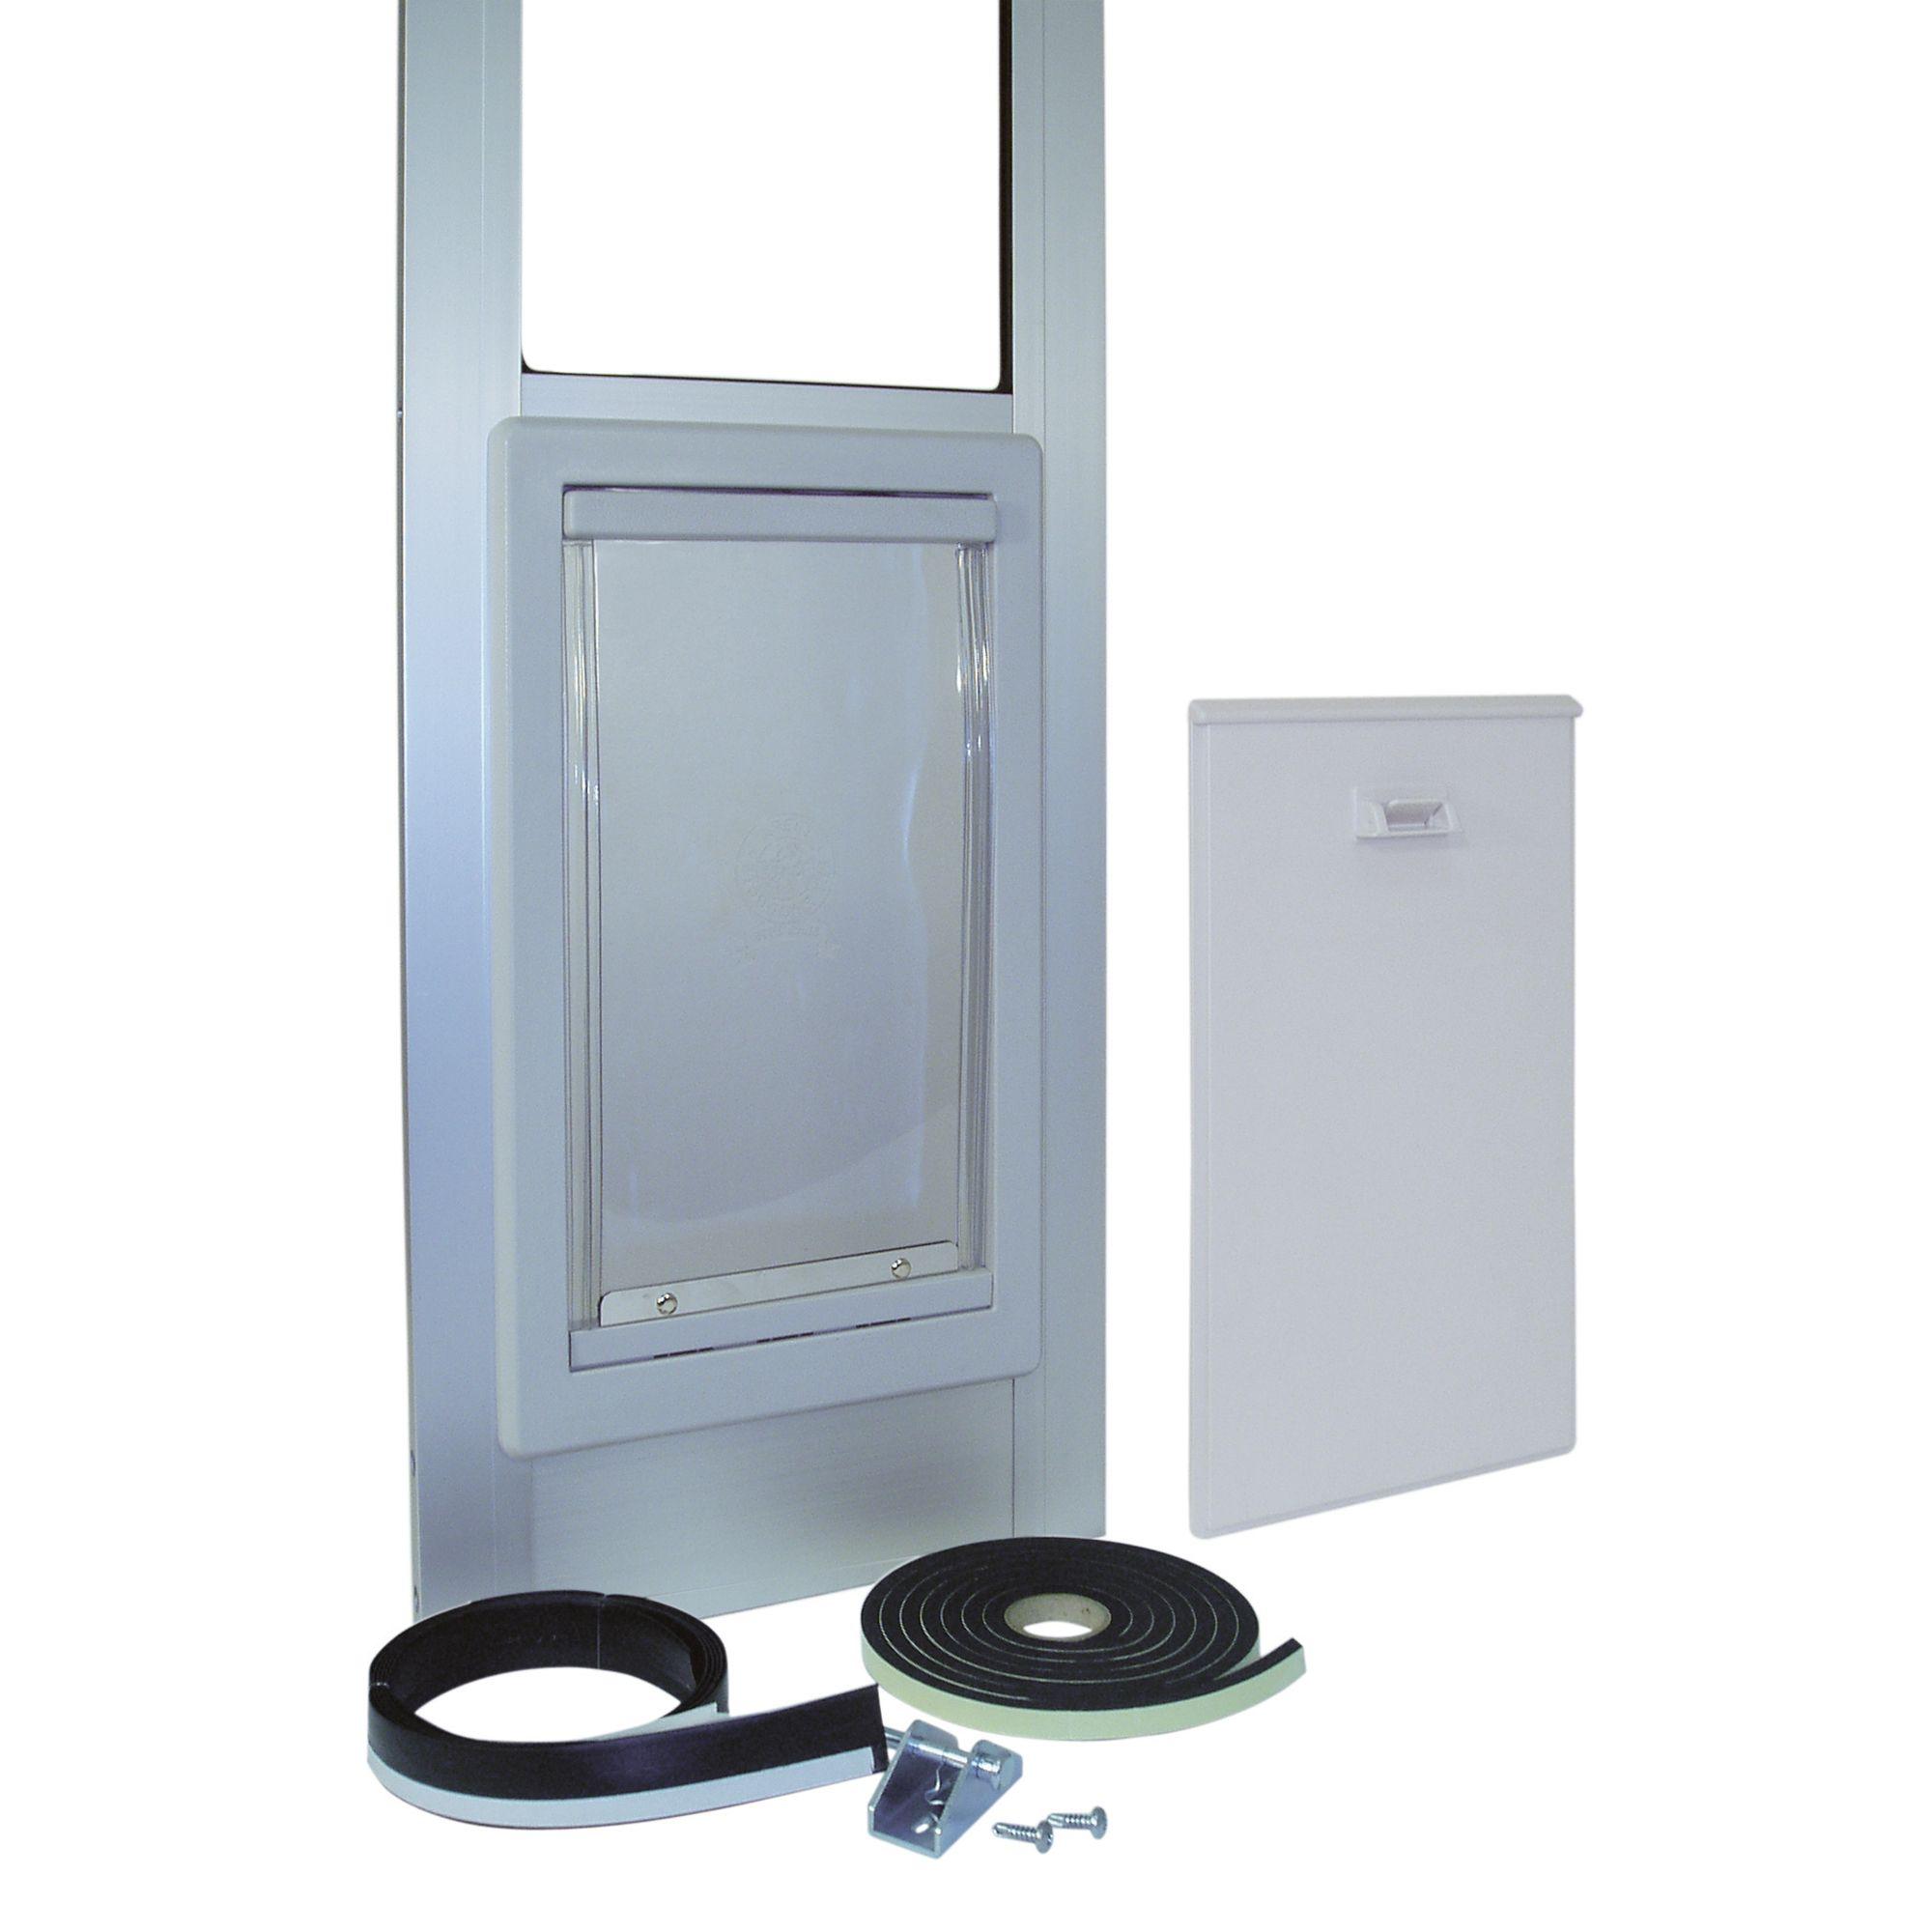 Ideal Pet Products Modular Patio Pet Door Size Medium Mill